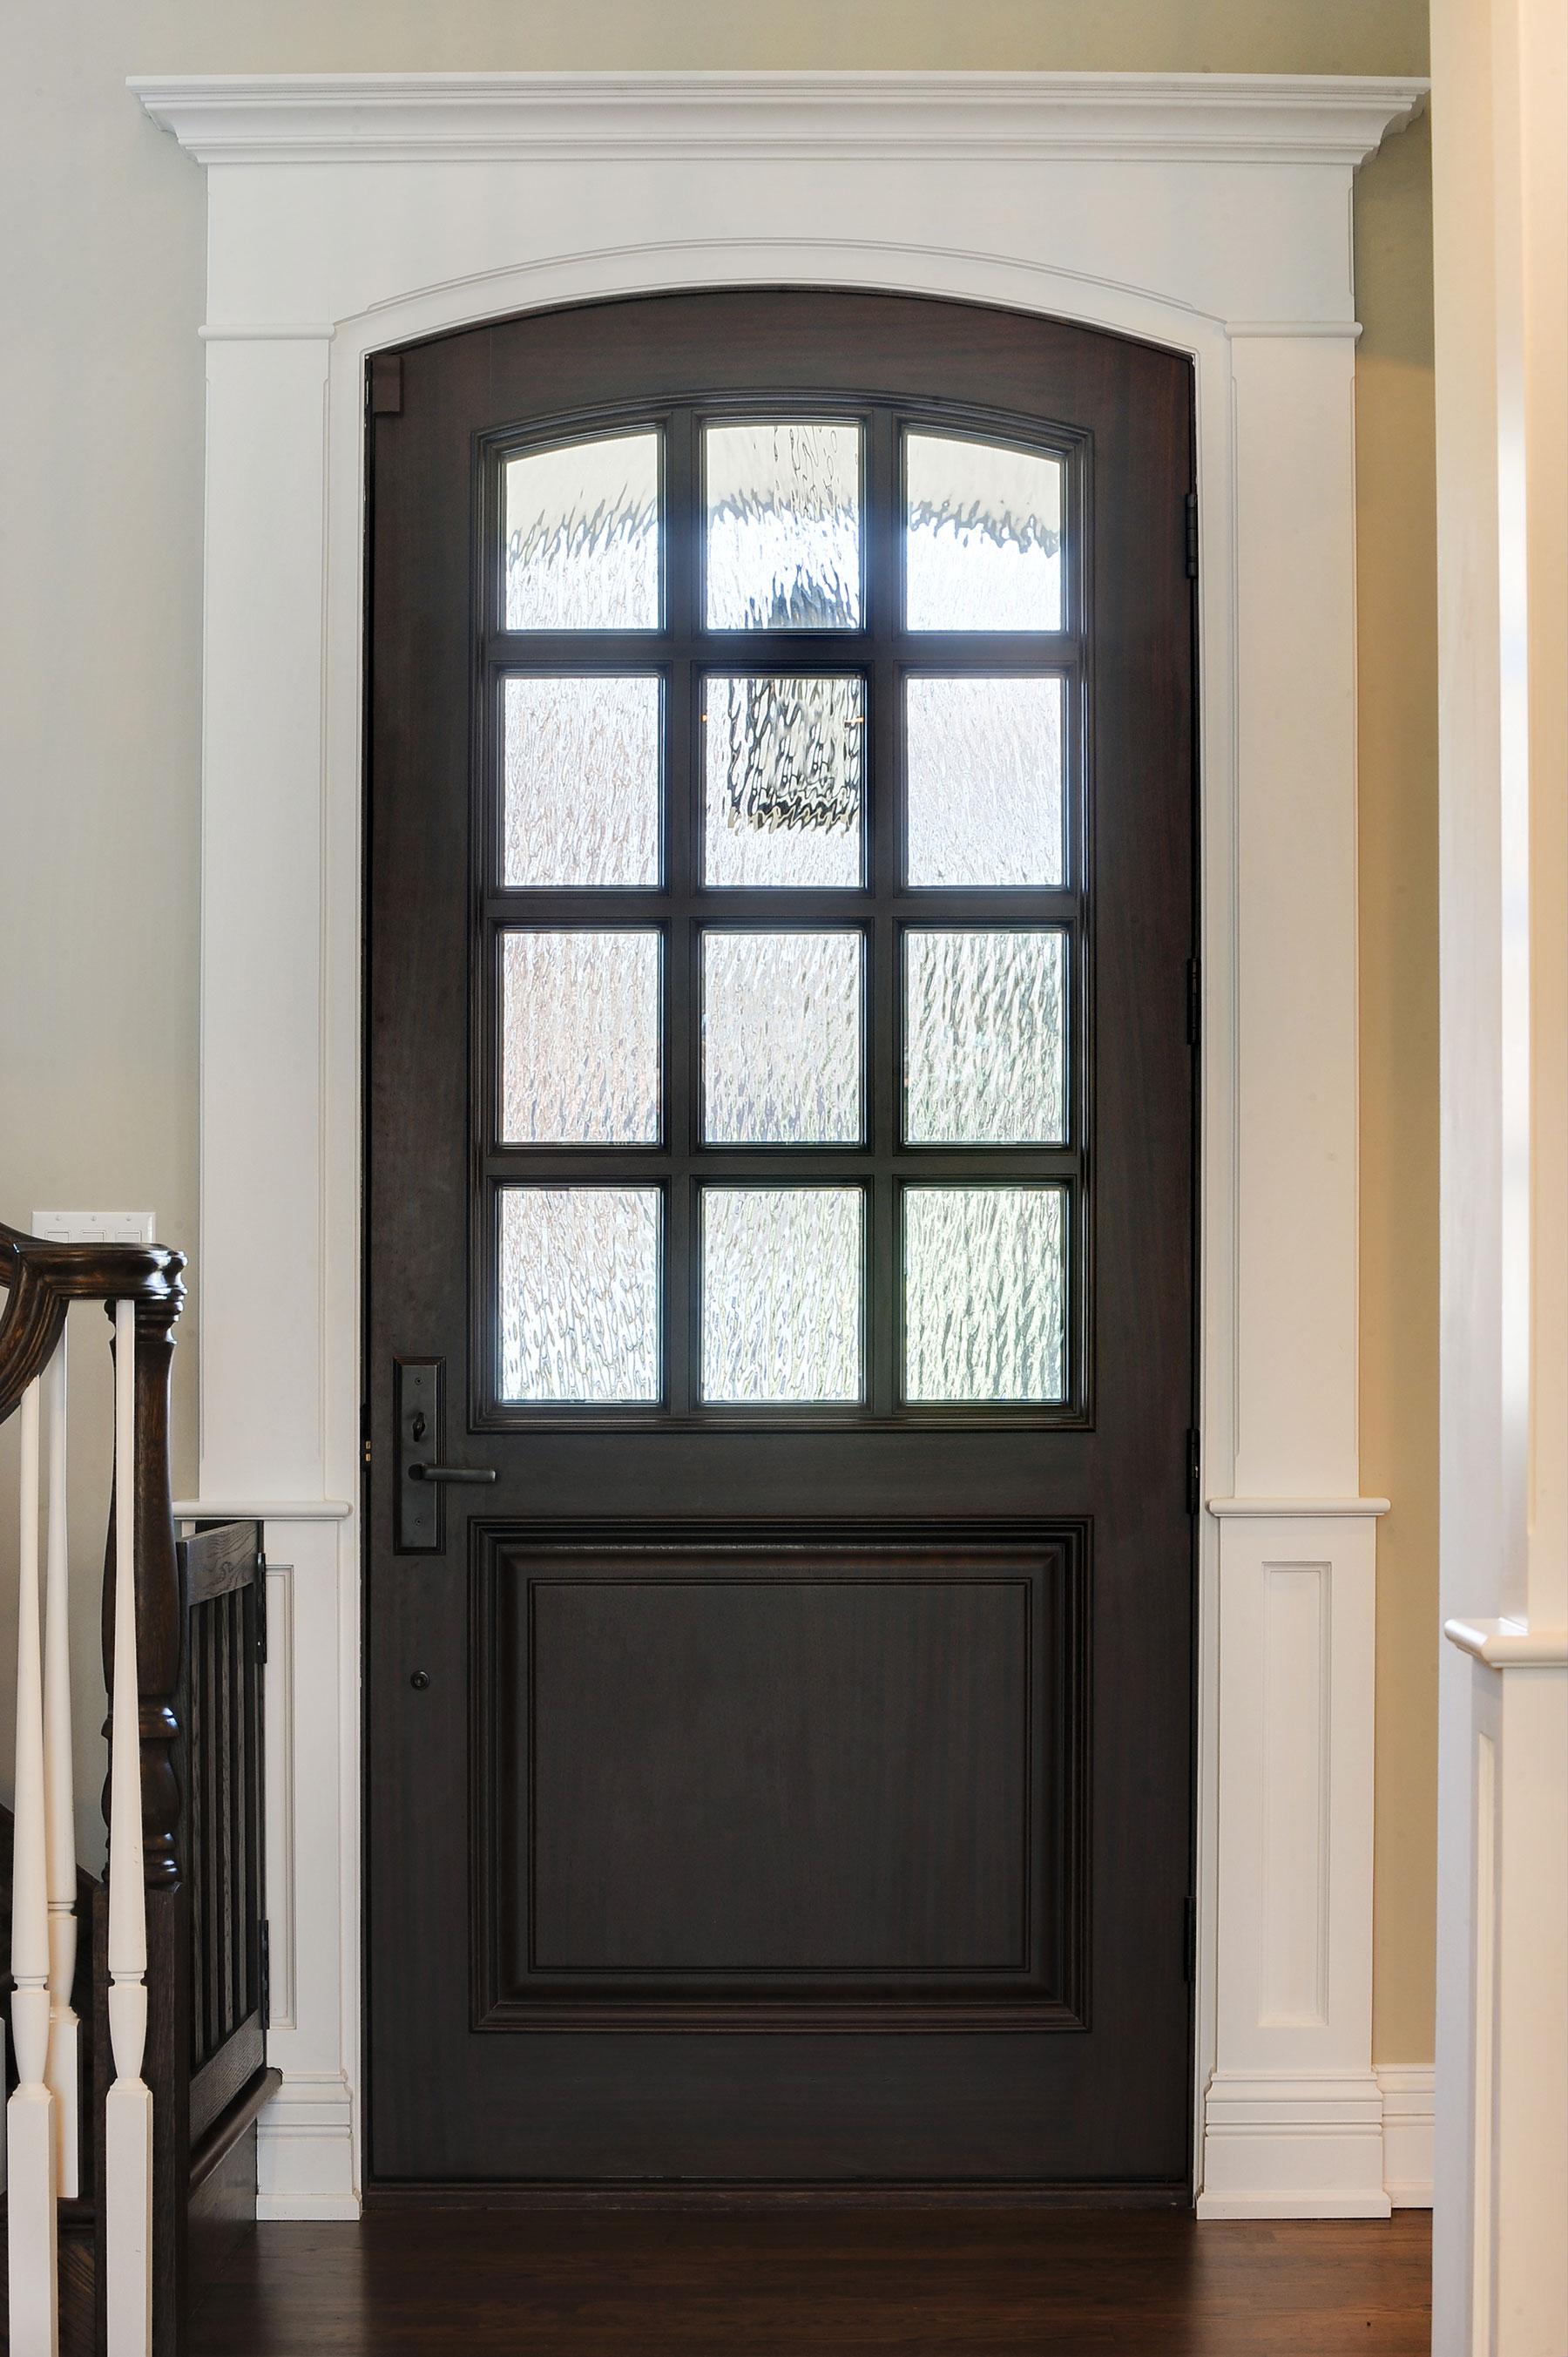 Custom Wood Front Entry Doors | 12 lite single entry door in solid wood, single panel  DB-012WA - Glenview Doors - Custom Doors in Chicago